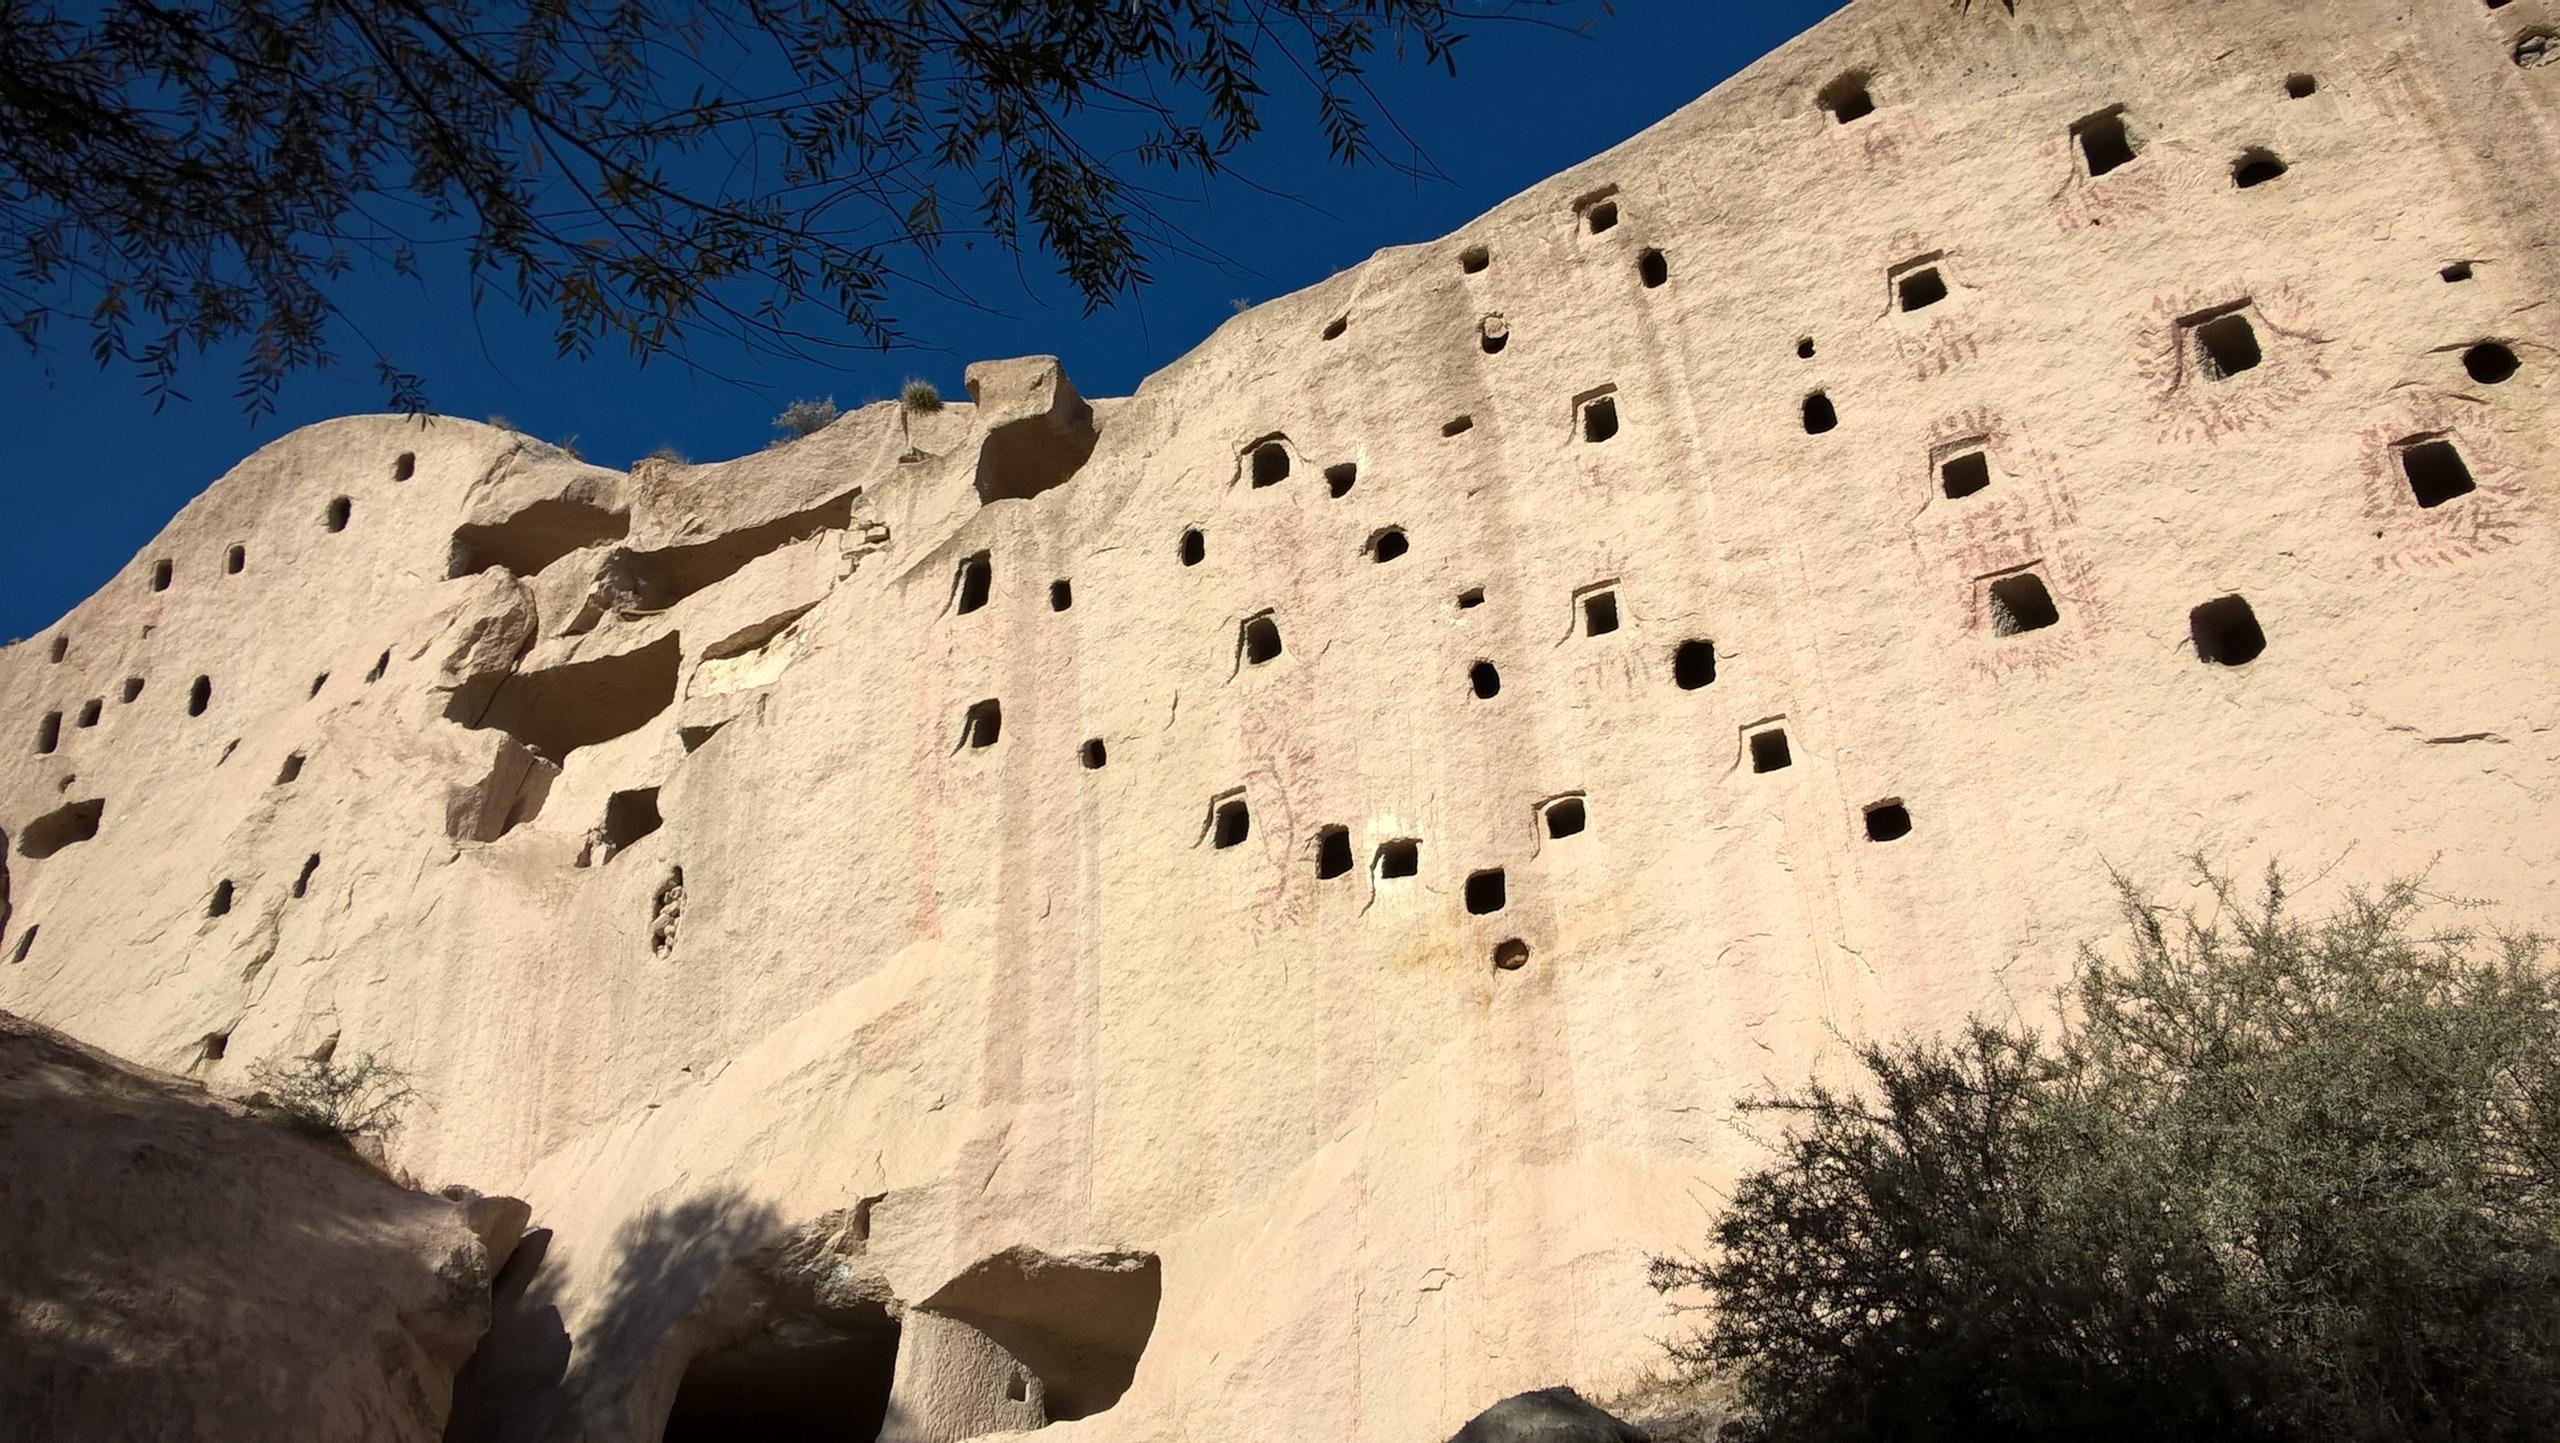 В Каппадокии много пещерных голубятен